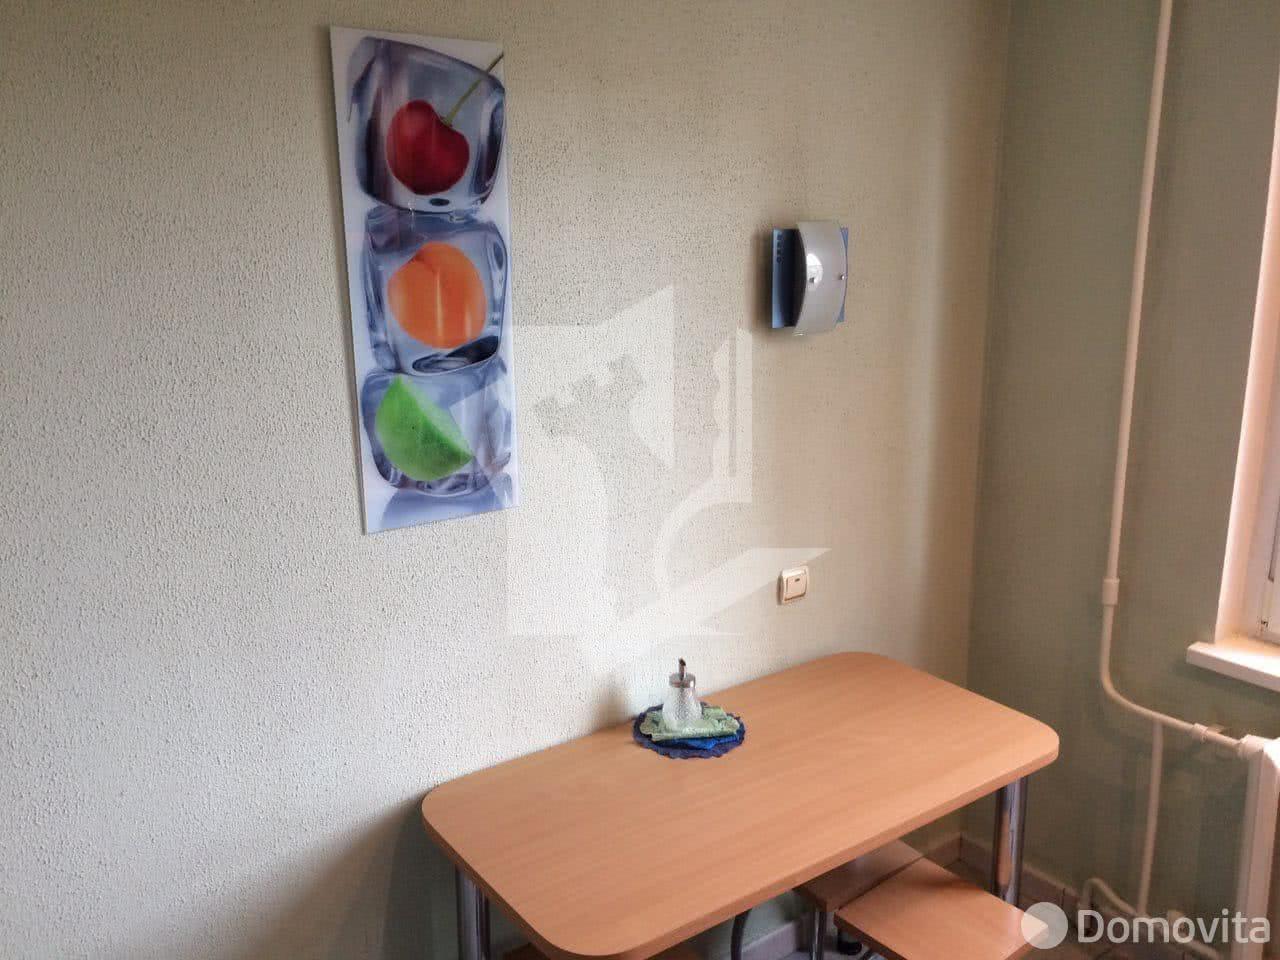 Аренда 2-комнатной квартиры в Минске, пр-д Слободской, д. 6 - фото 5